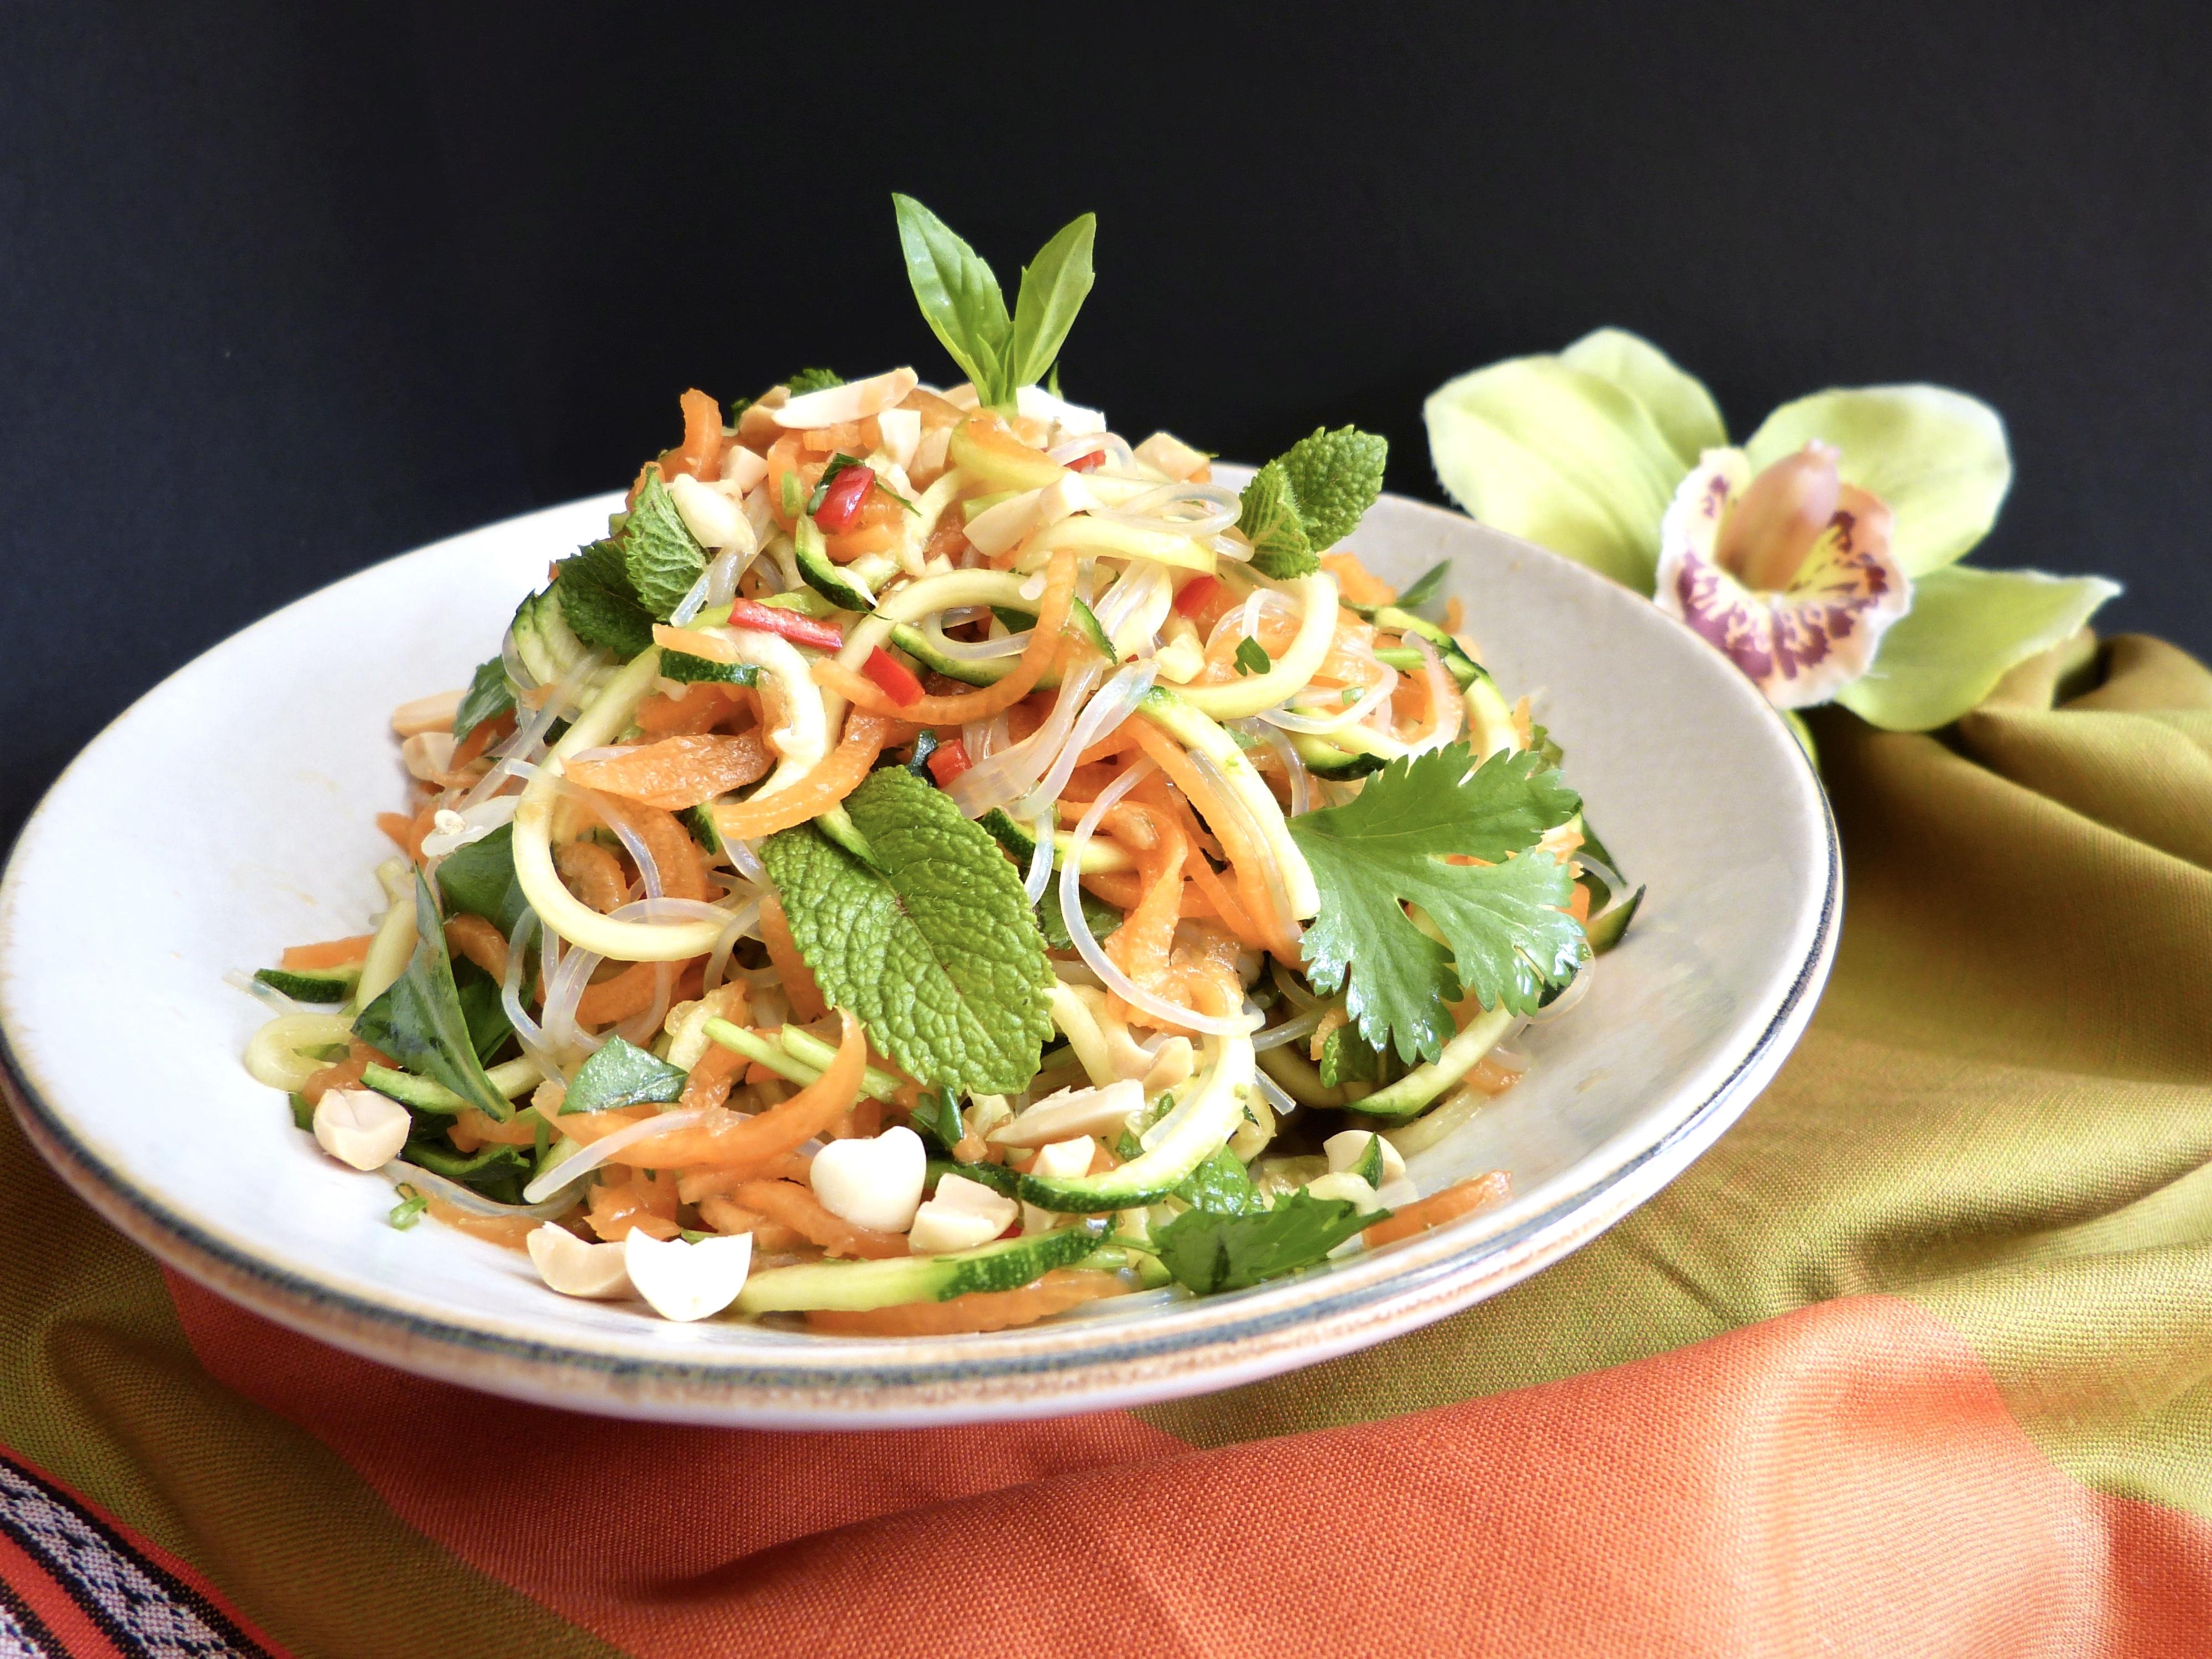 Pad Thai Noodle Salad Bowl